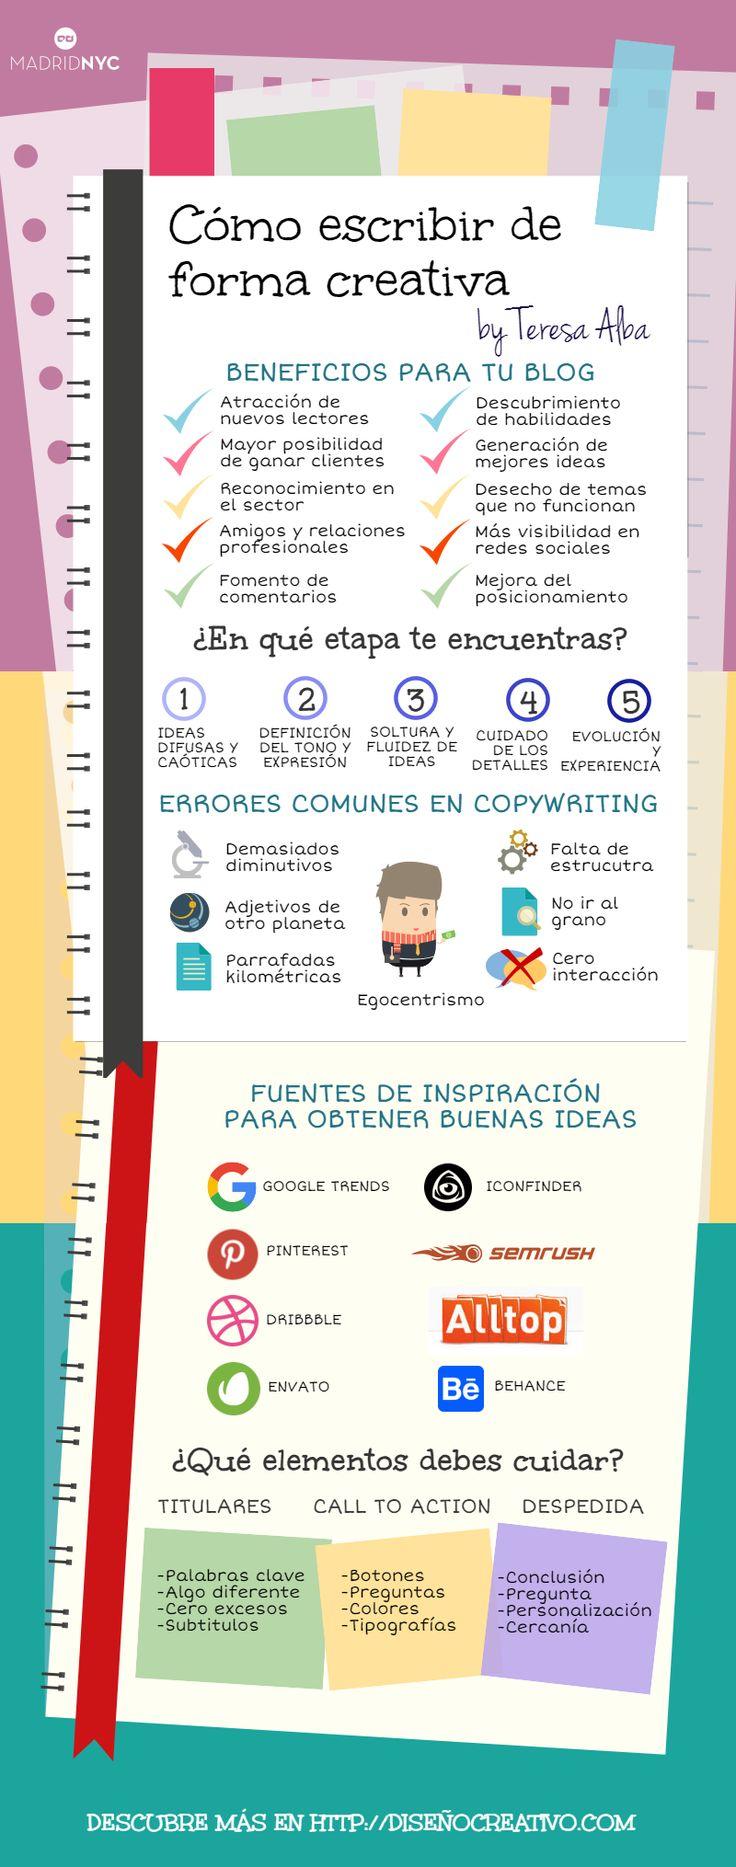 Cómo escribir de manera creativa en tu Blog #infografia #infographic #socialmedia